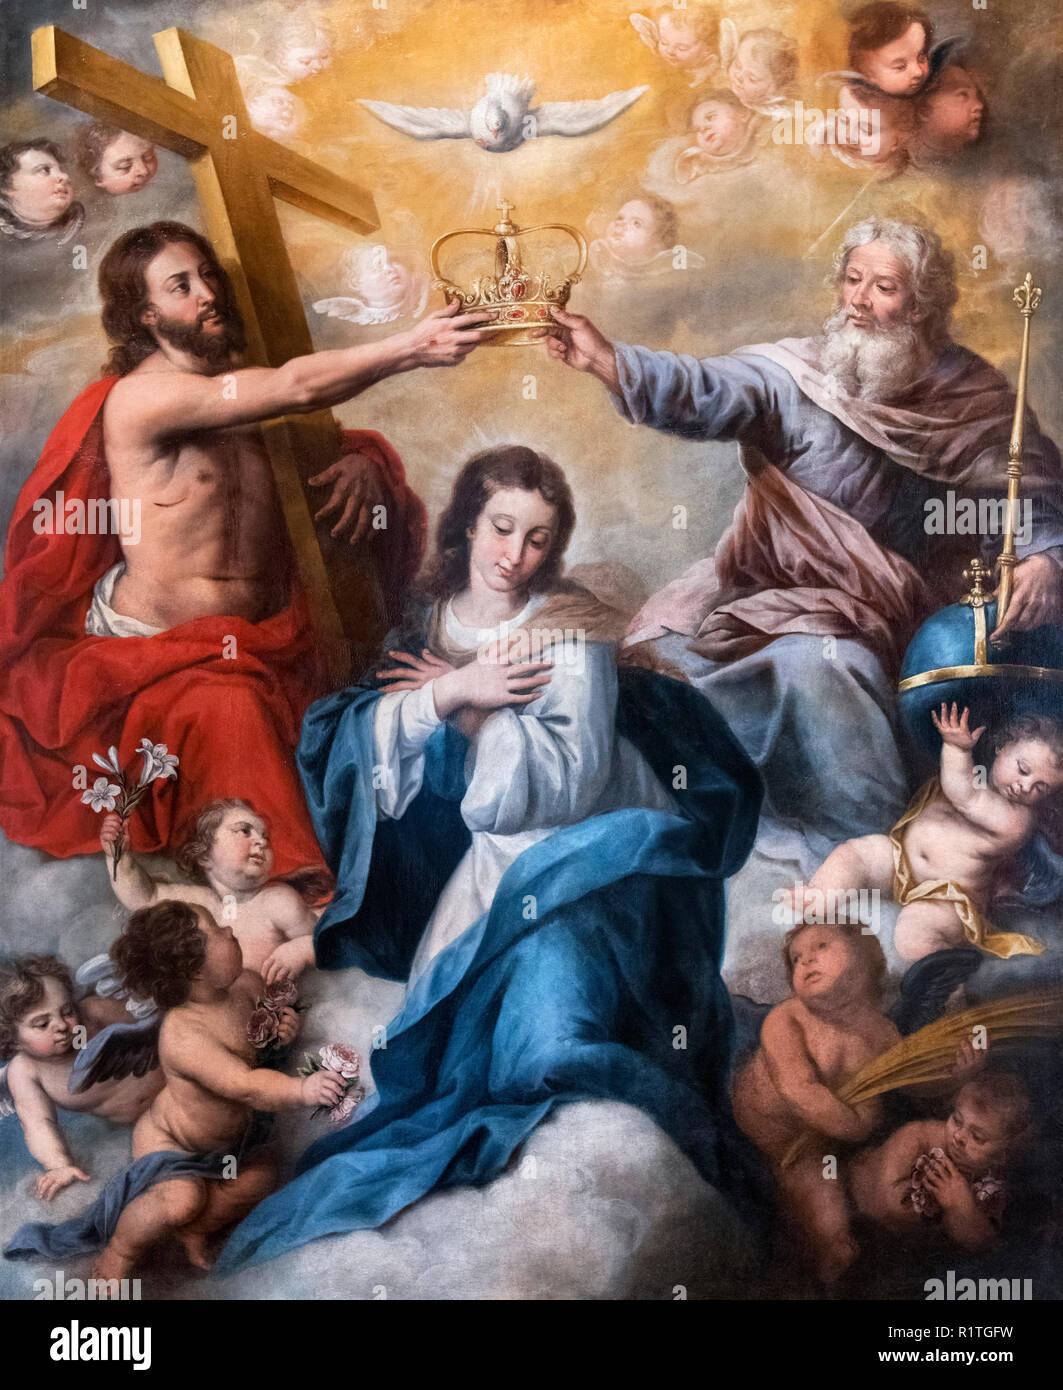 Coronation of the Virgin by Jaun Ruiz Soriano (1701-1763) - Stock Image